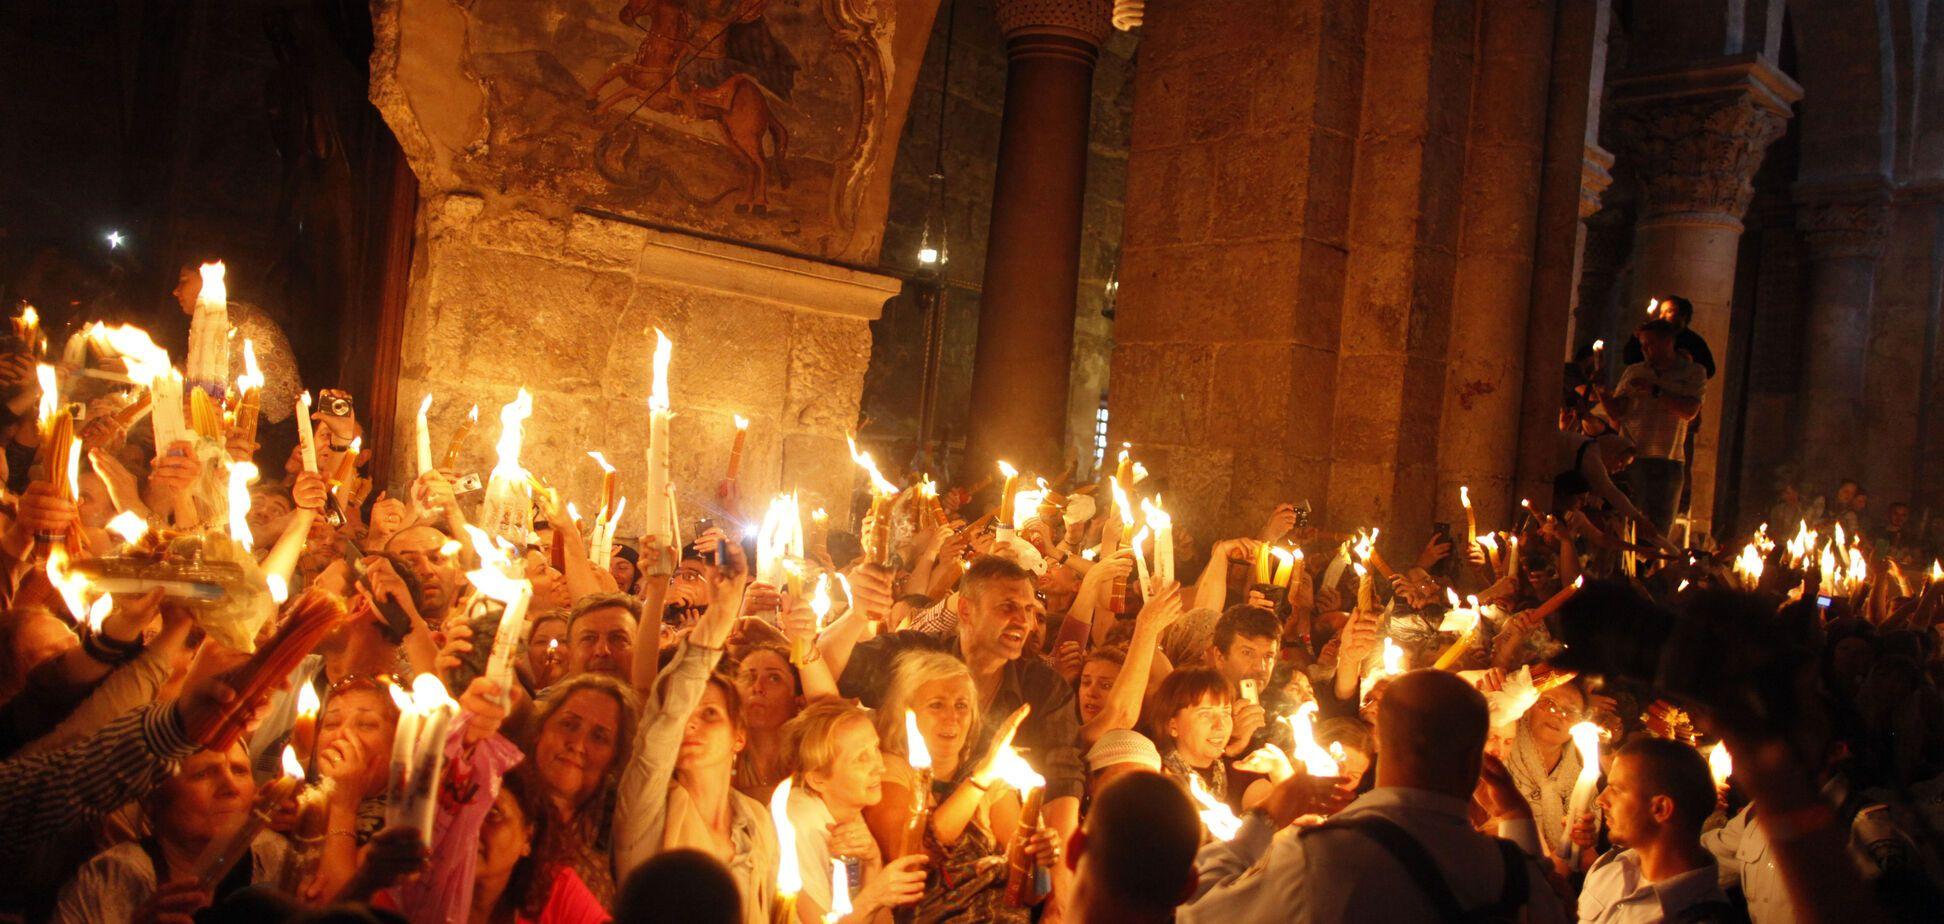 Це диво! Благодатний вогонь зійшов в Єрусалимі. онлайн